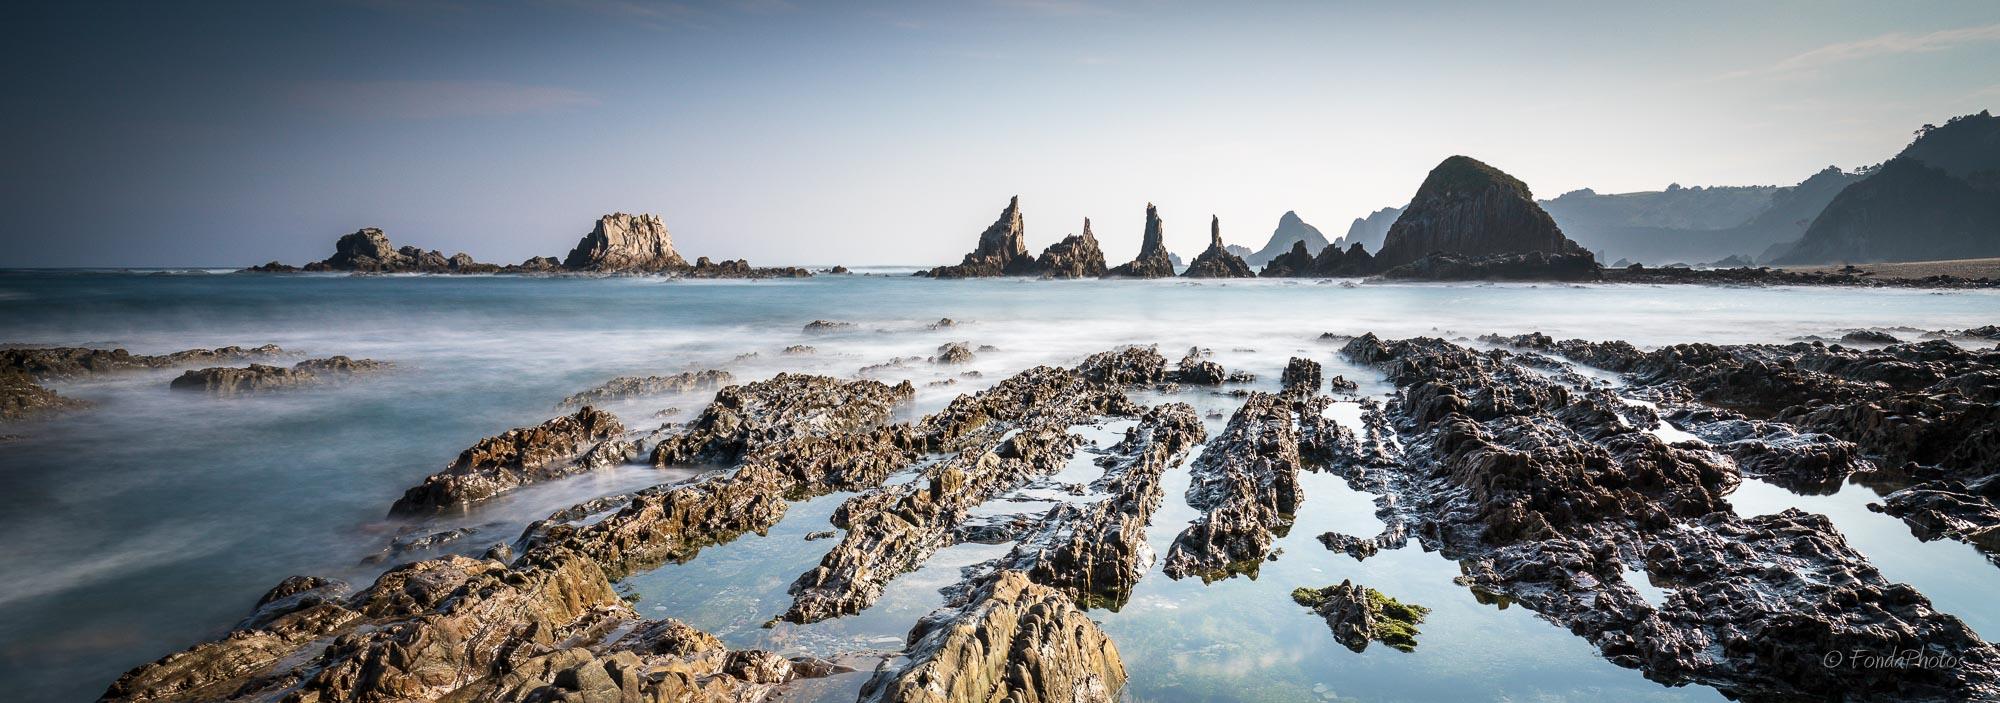 Playa de la Gueirúa, Asturias